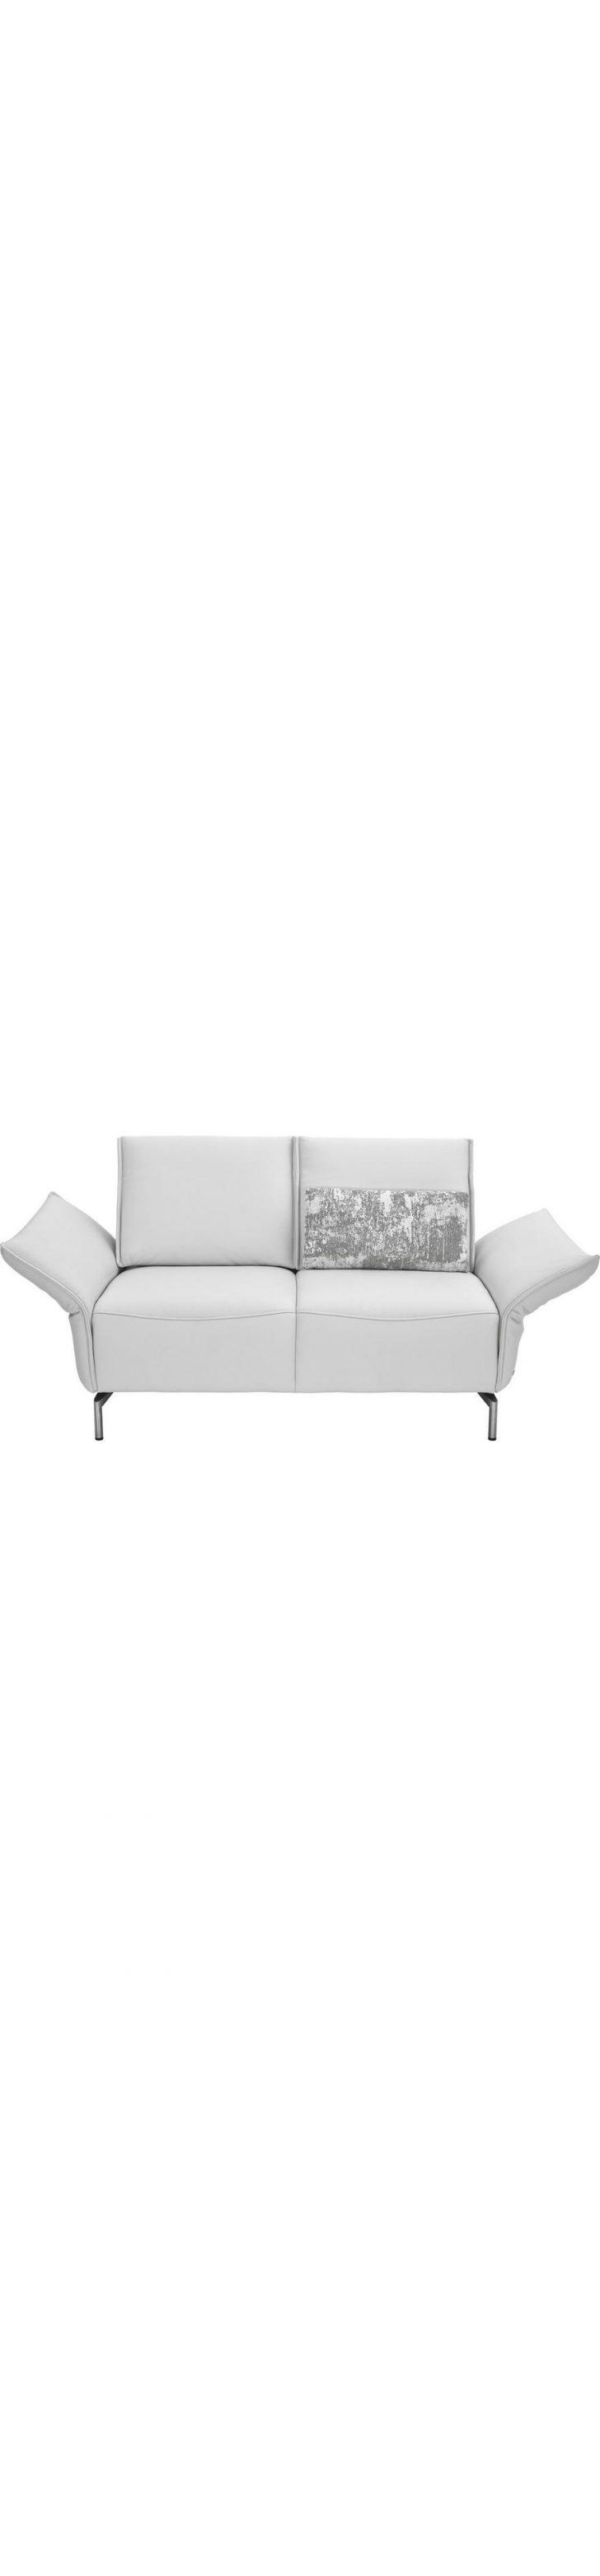 Medium Size of Koinor Sofa Francis 2 Sitzer Gebraucht Kaufen Leder Rot Zweisitzer Echtleder Wei Online Xxxlutz Stoff Günstig Landhausstil Lederpflege Chesterfield Togo Sofa Koinor Sofa